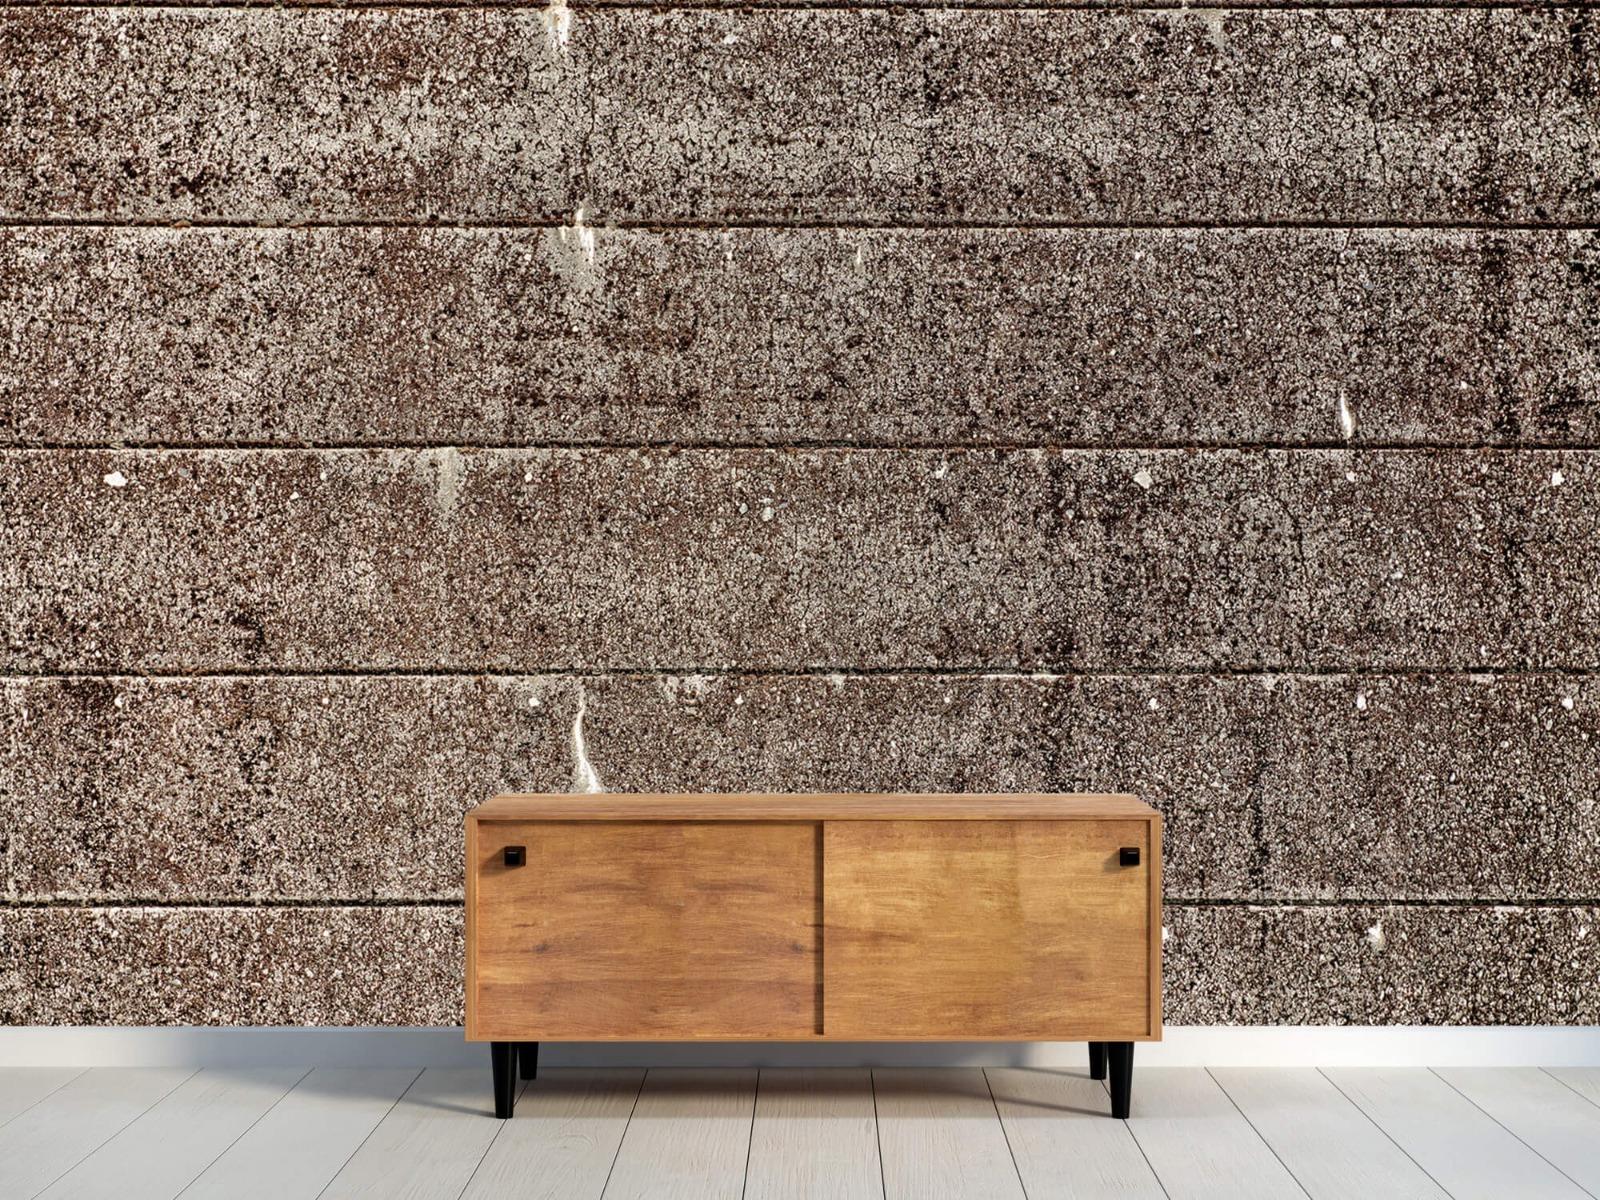 Steen behang - Oude betonnen damwand - Tienerkamer 11